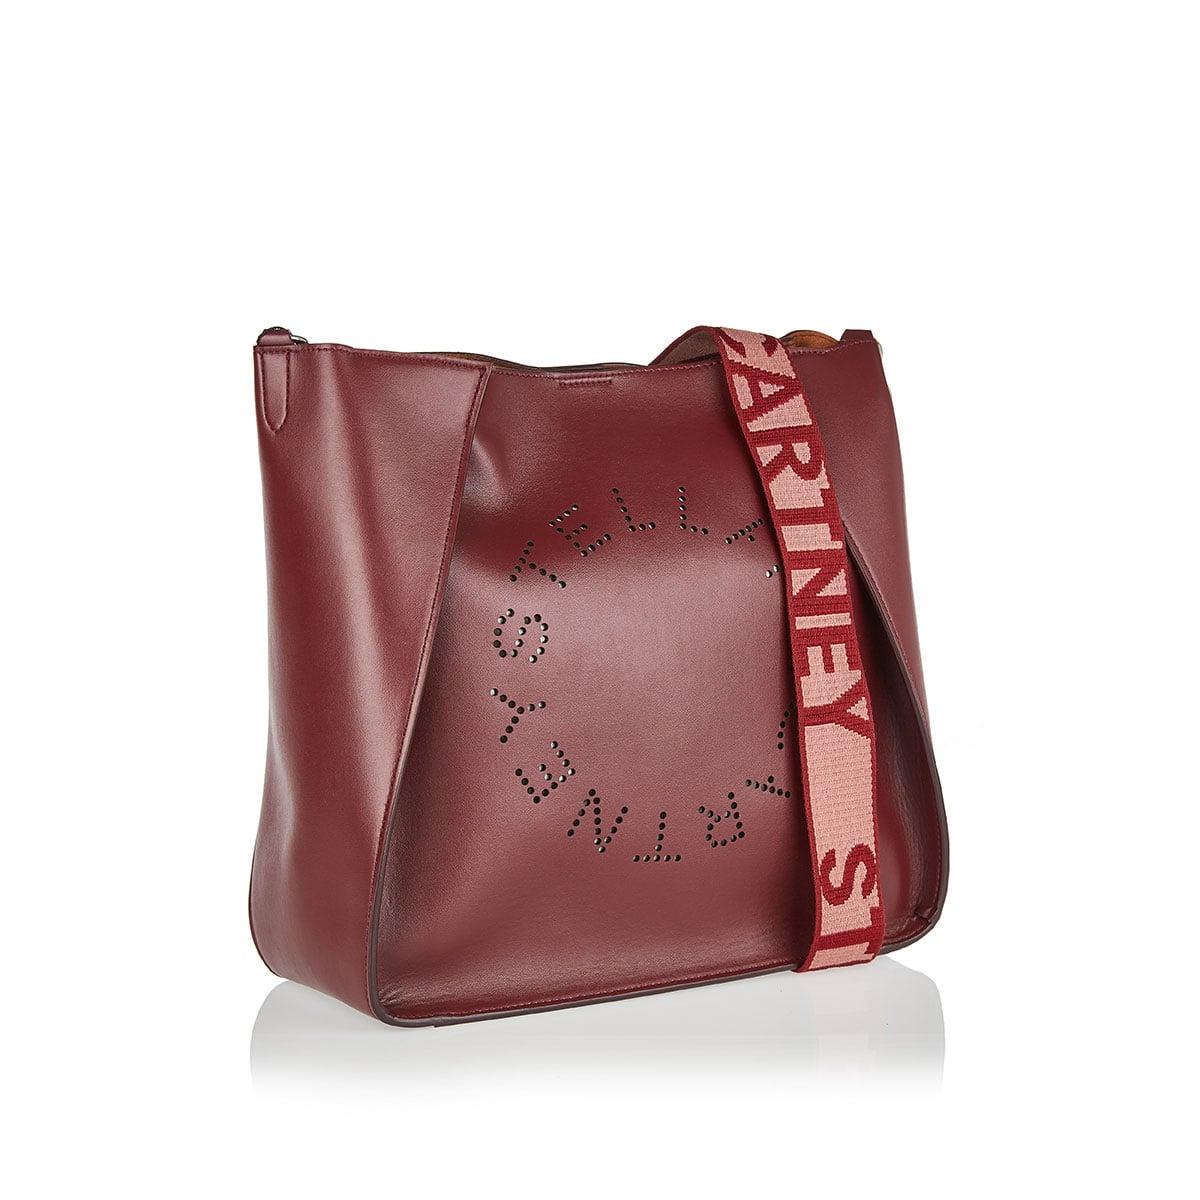 Faux leather logo shoulder bag